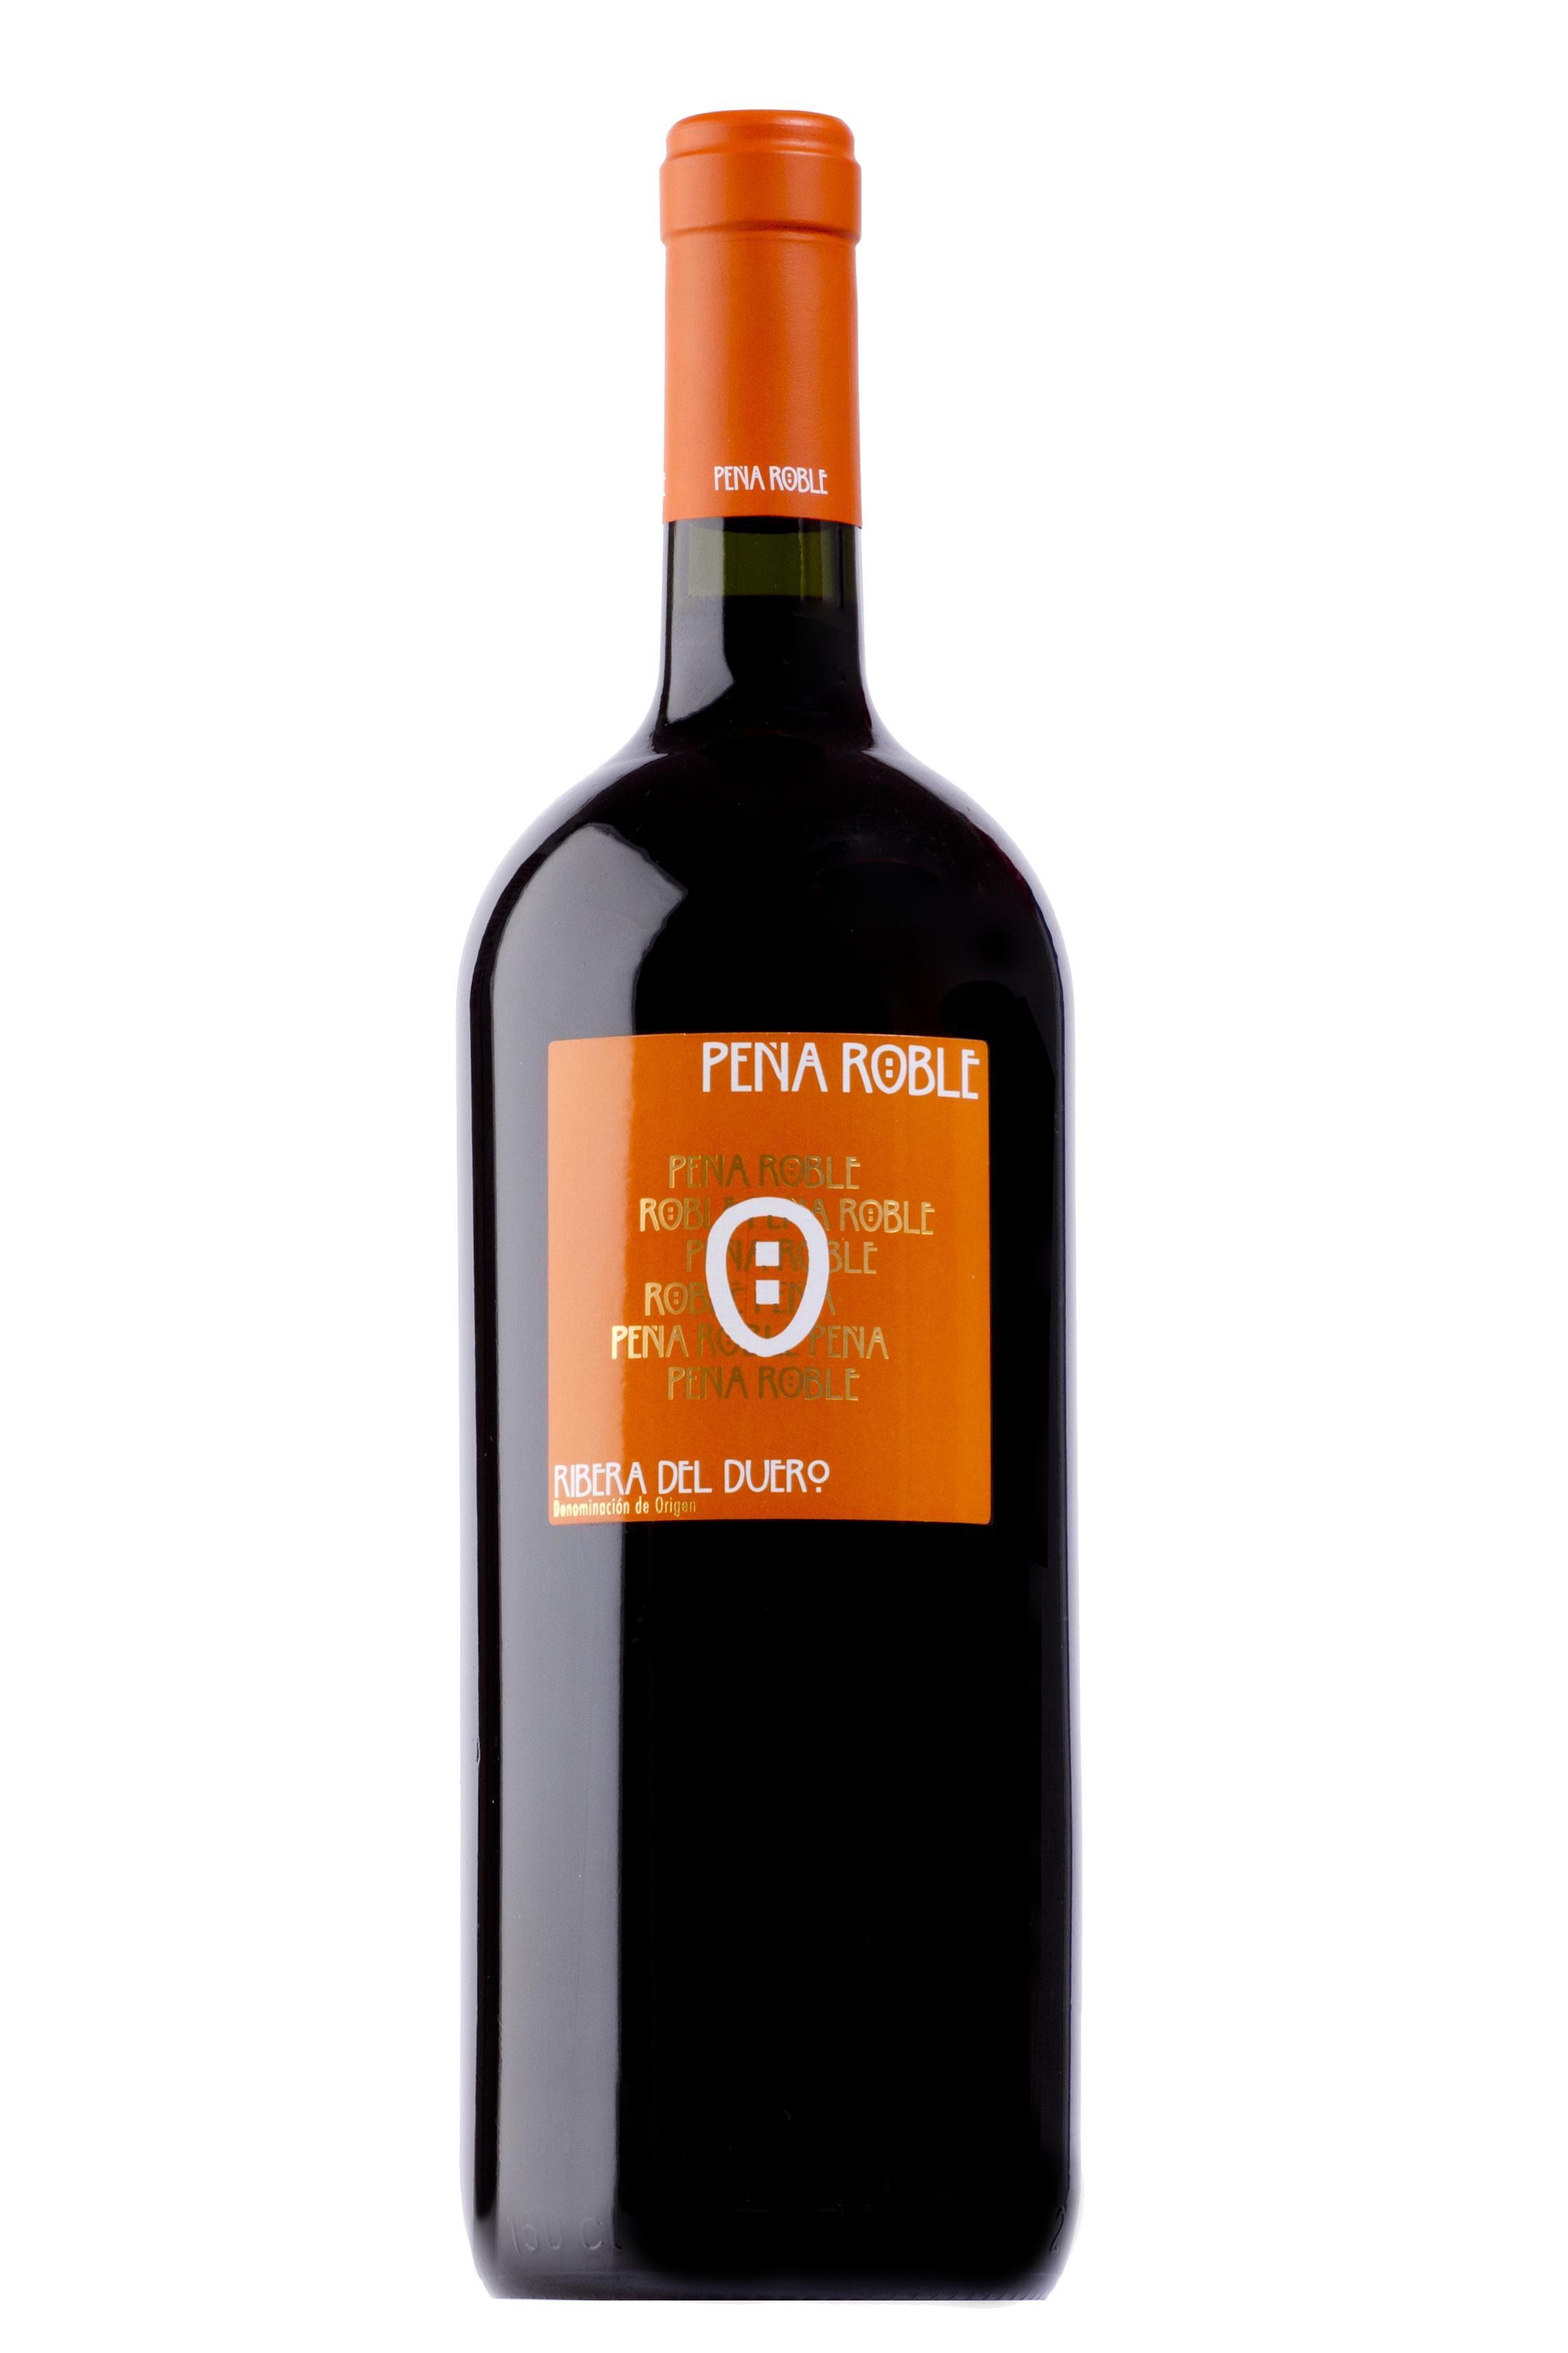 Una botella de vino - 2 part 10